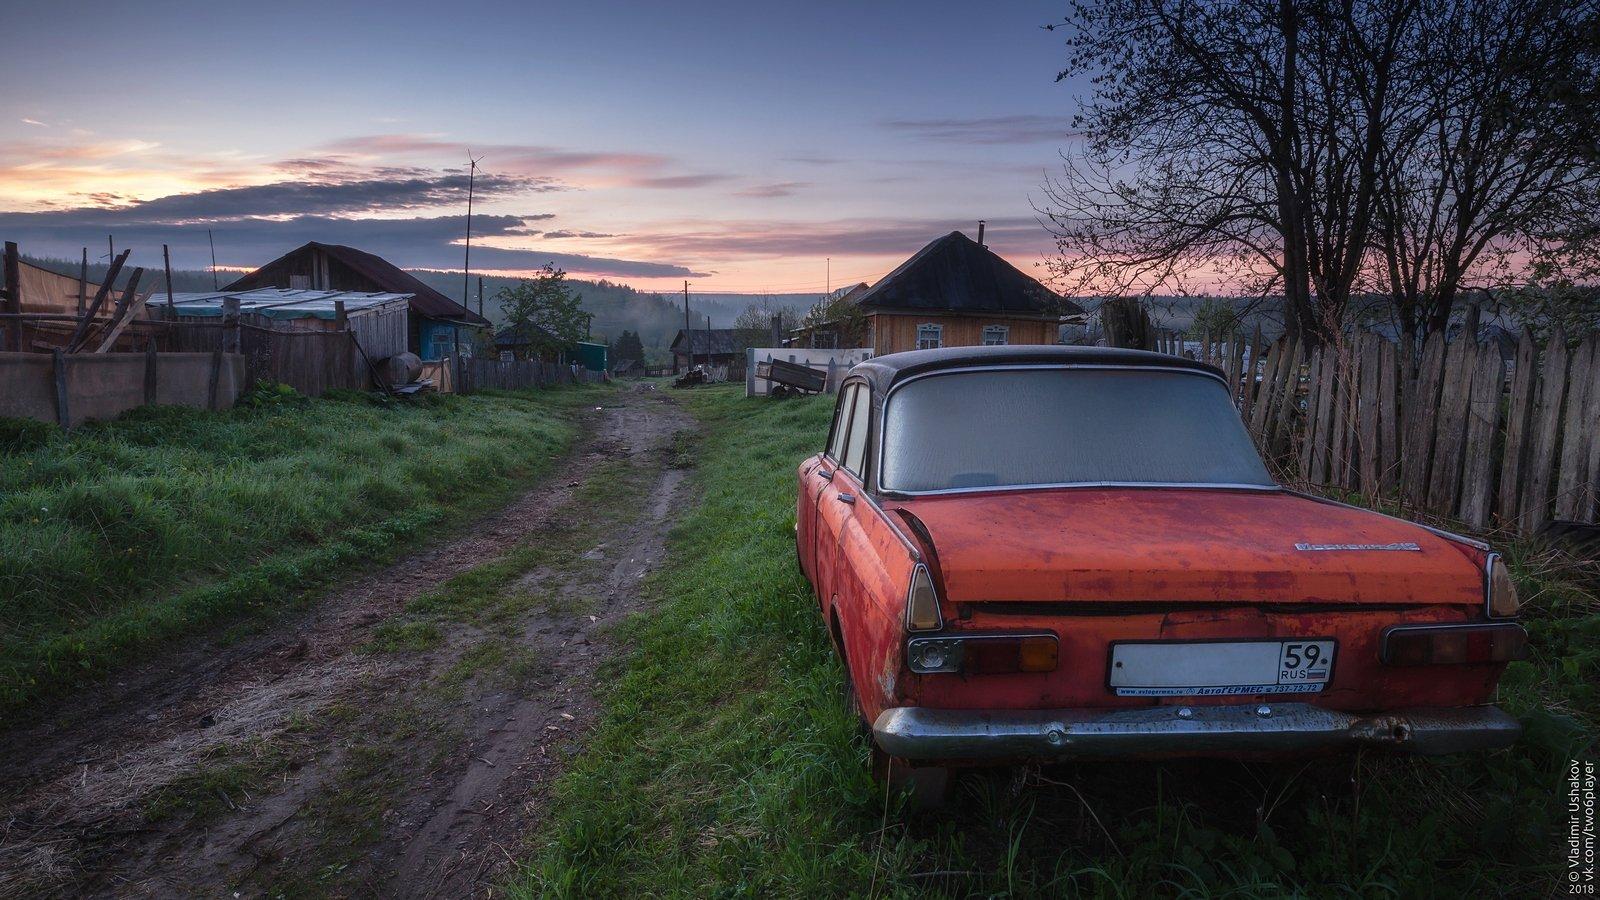 утро, рассвет, дорога, улица, деревня, сибирь, пермский край, Владимир Ушаков